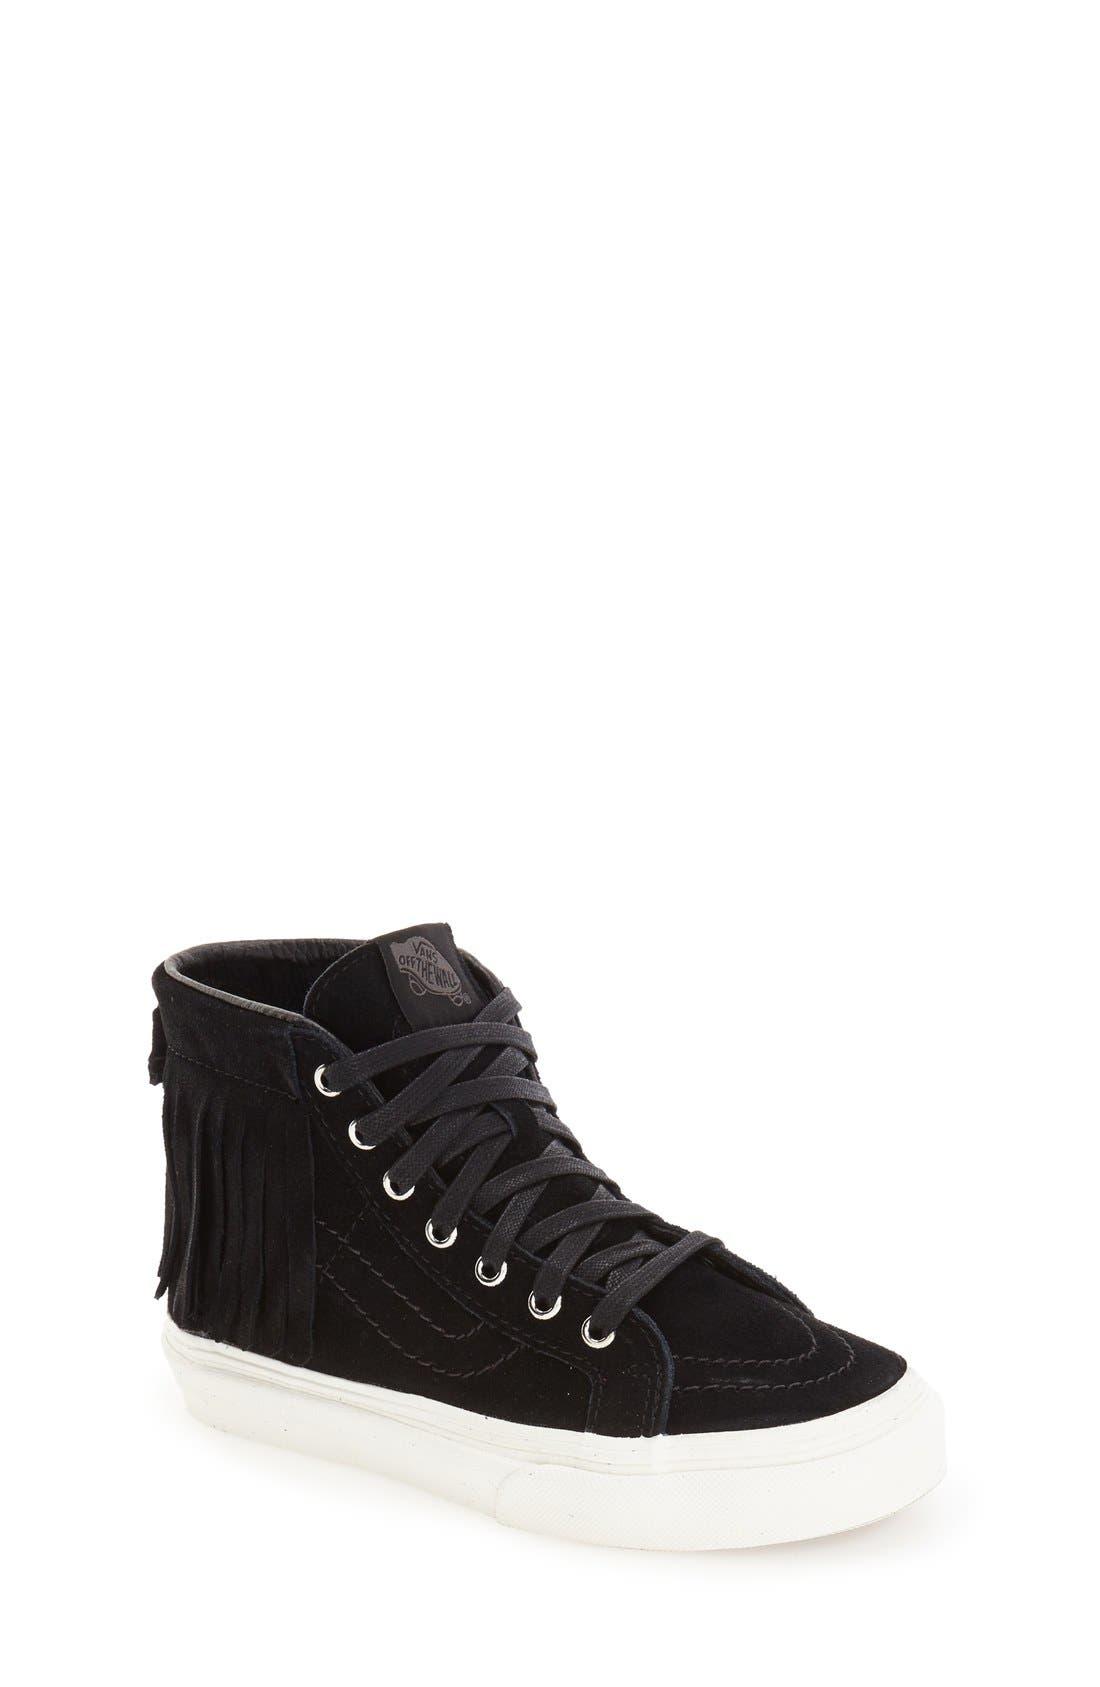 VANS 'Sk8-Hi' Moc Sneaker